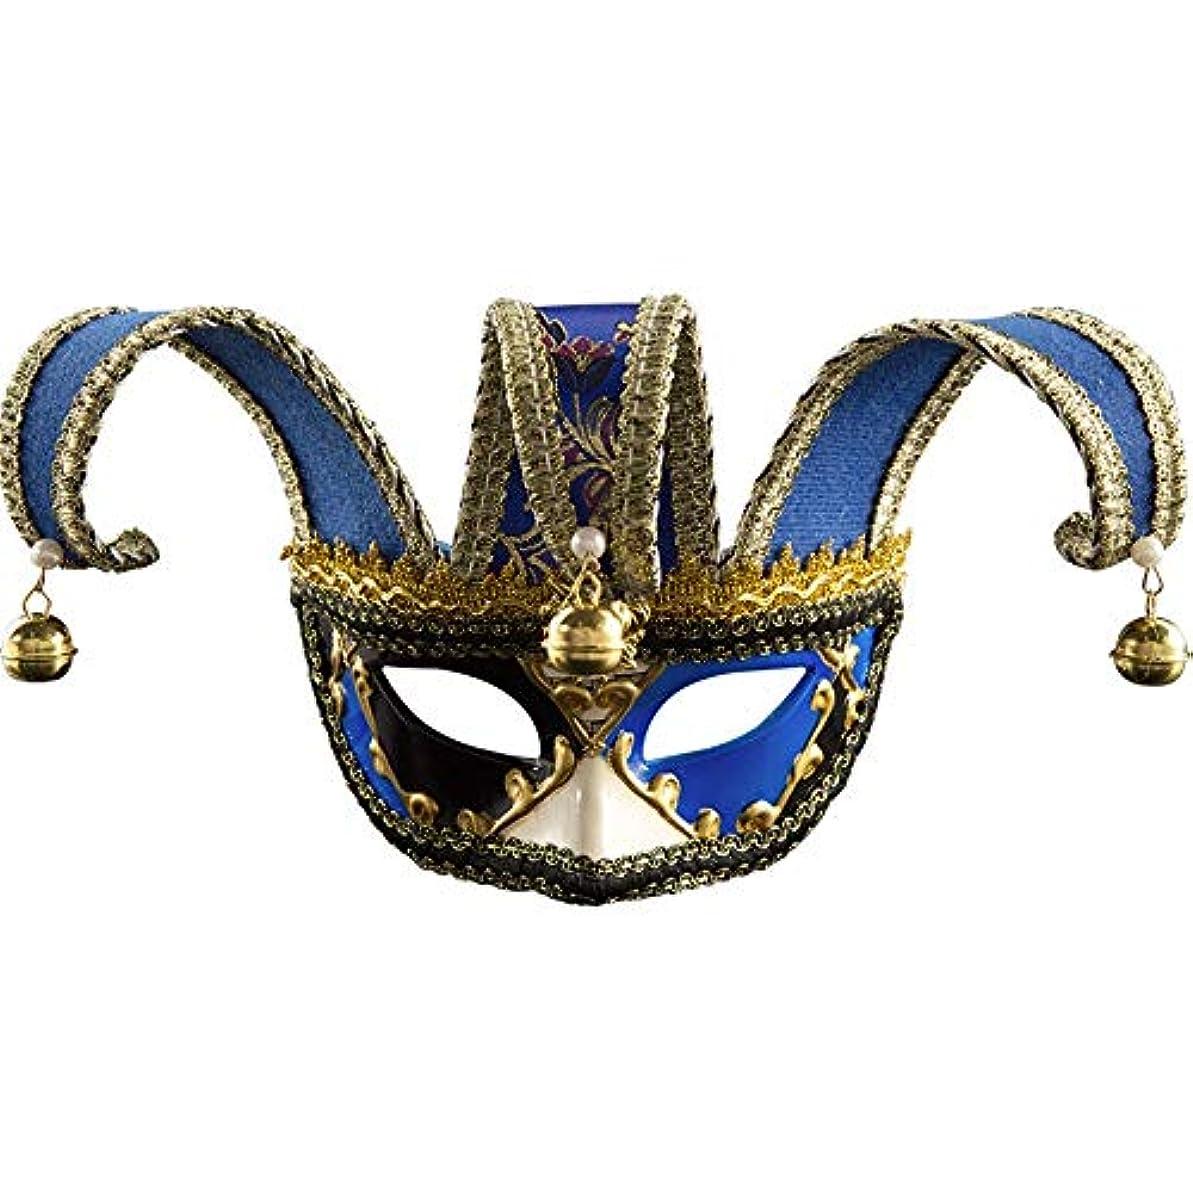 シンプルな緩む先生ダンスマスク ナイトクラブ音楽カーニバルマスク雰囲気クリスマスフェスティバルプラスチックマスクイブニングパーティーボール ホリデーパーティー用品 (色 : 青, サイズ : 16.5x29cm)